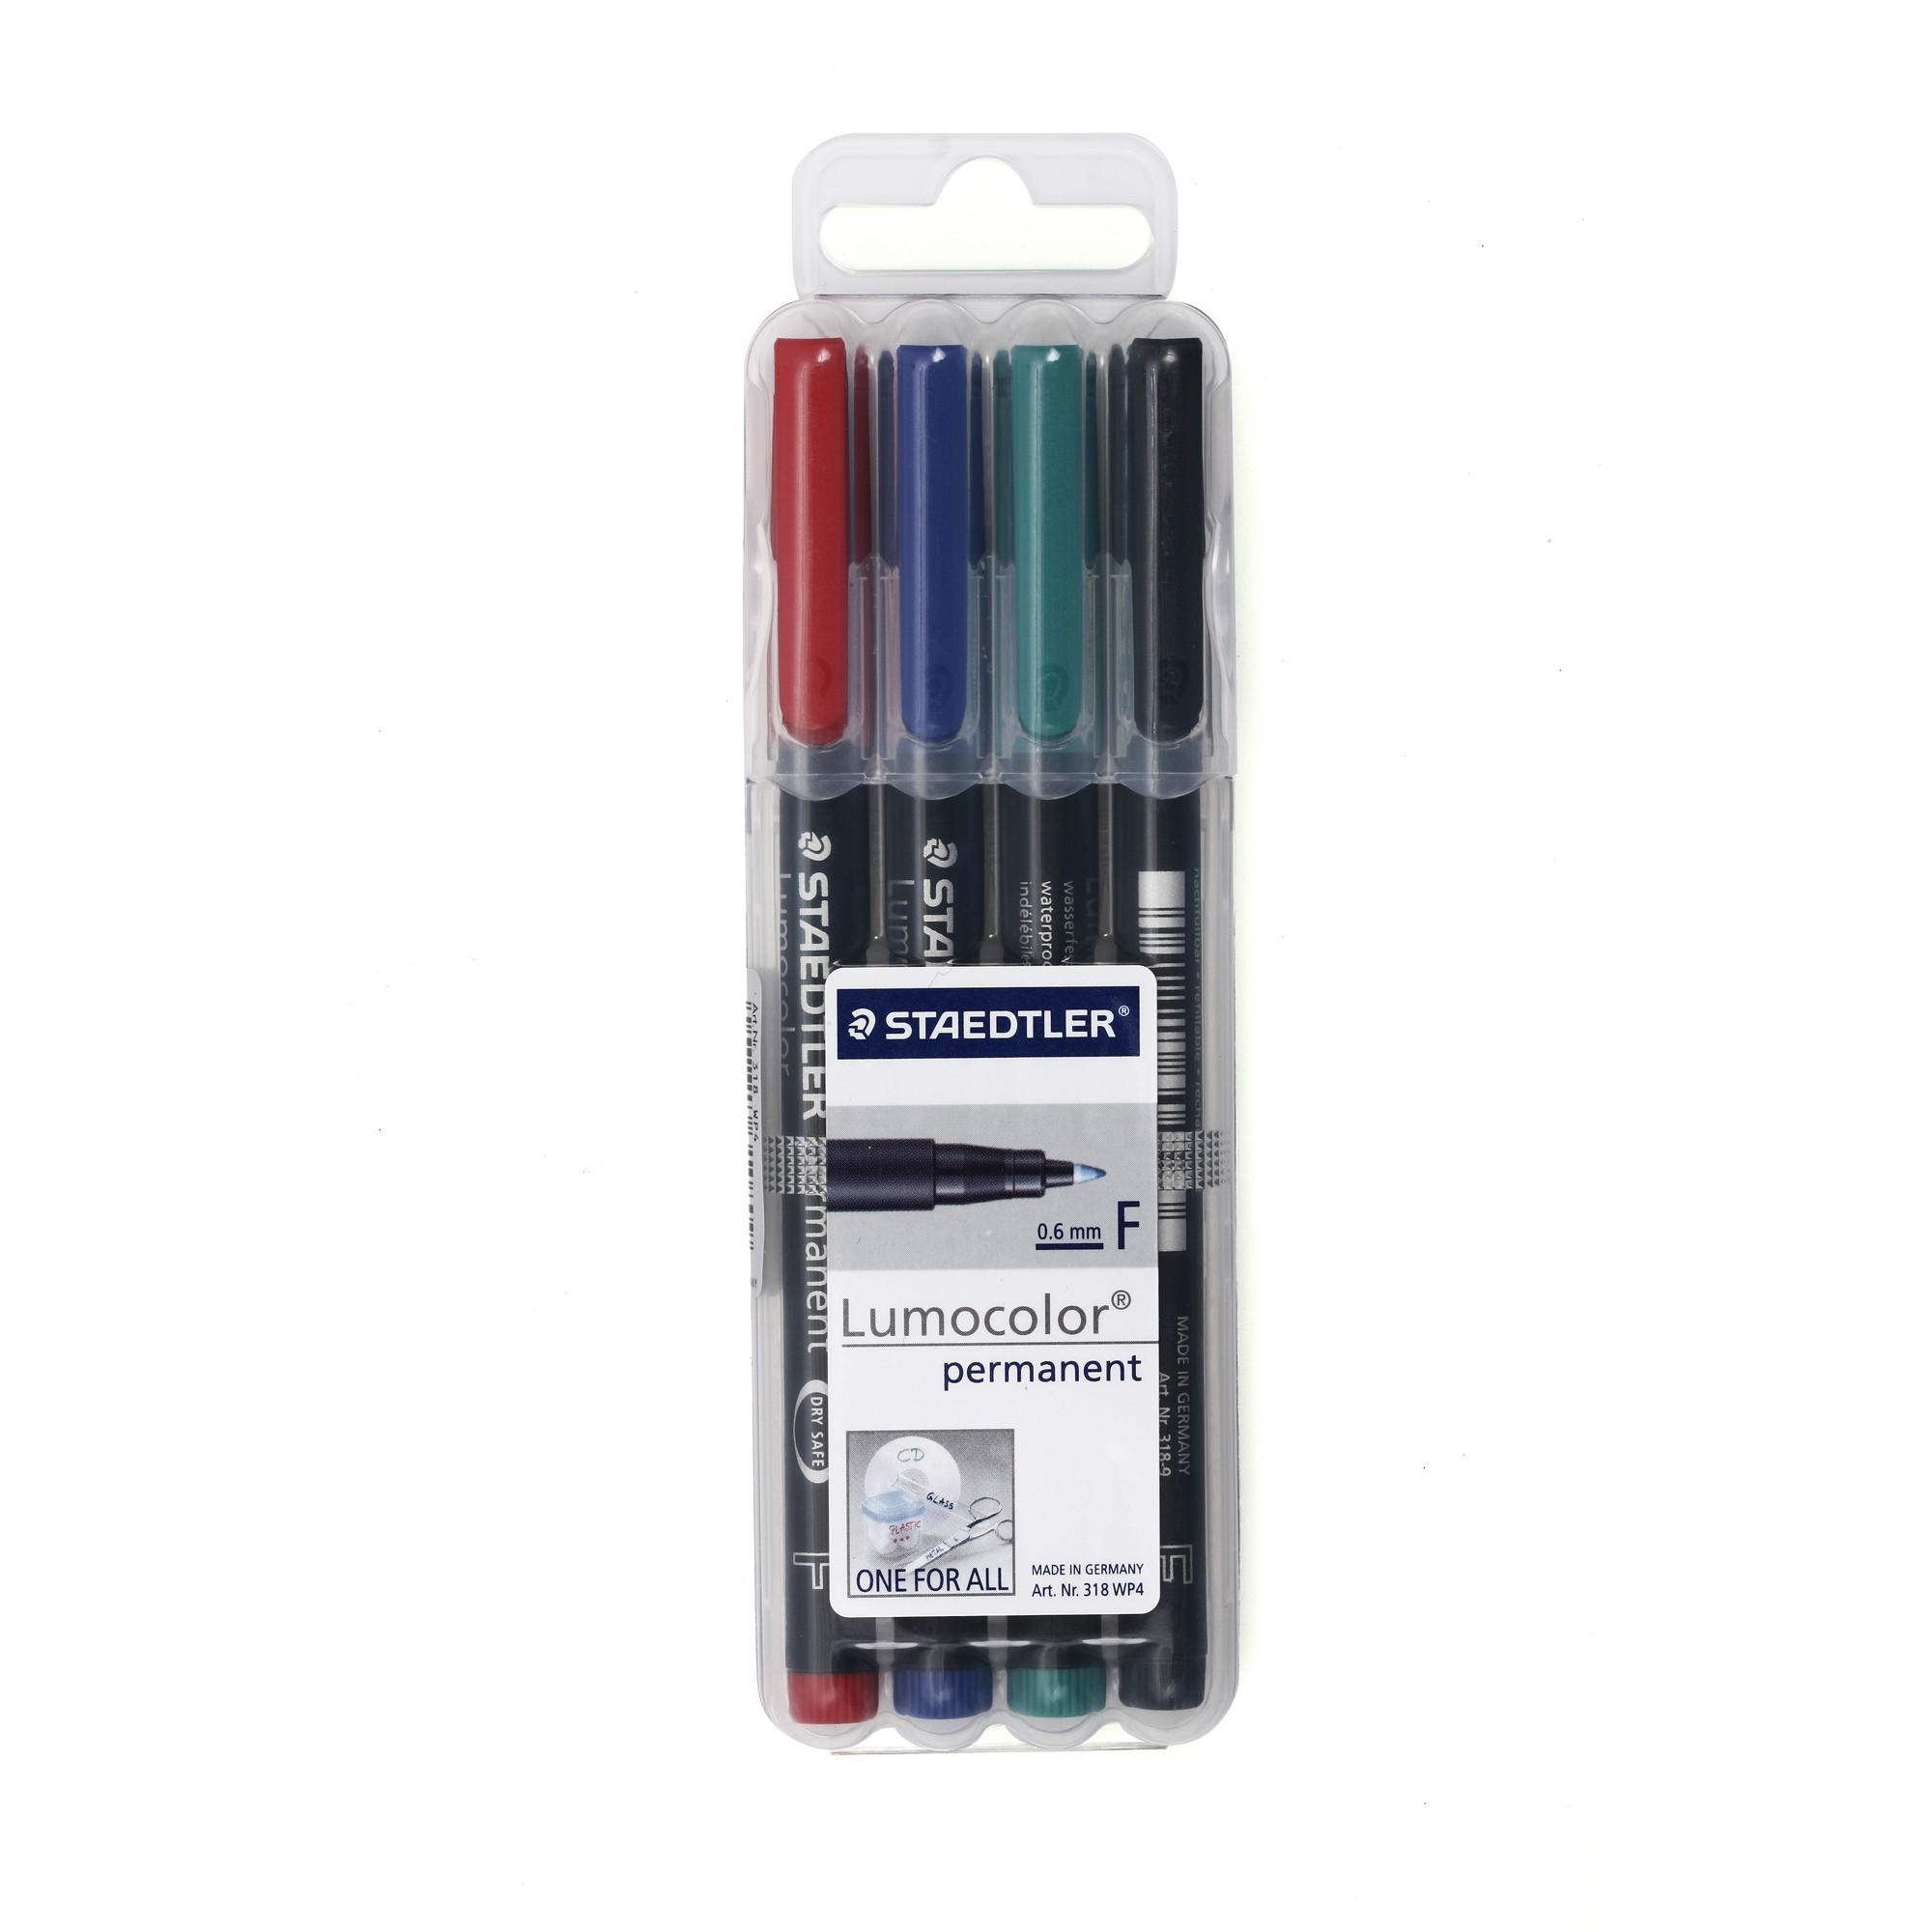 ปากกาเขียนแผ่นใส ลบไม่ได้ Staedtler 318-WP4 (F) ชุด 4 สี 0.6 มม.